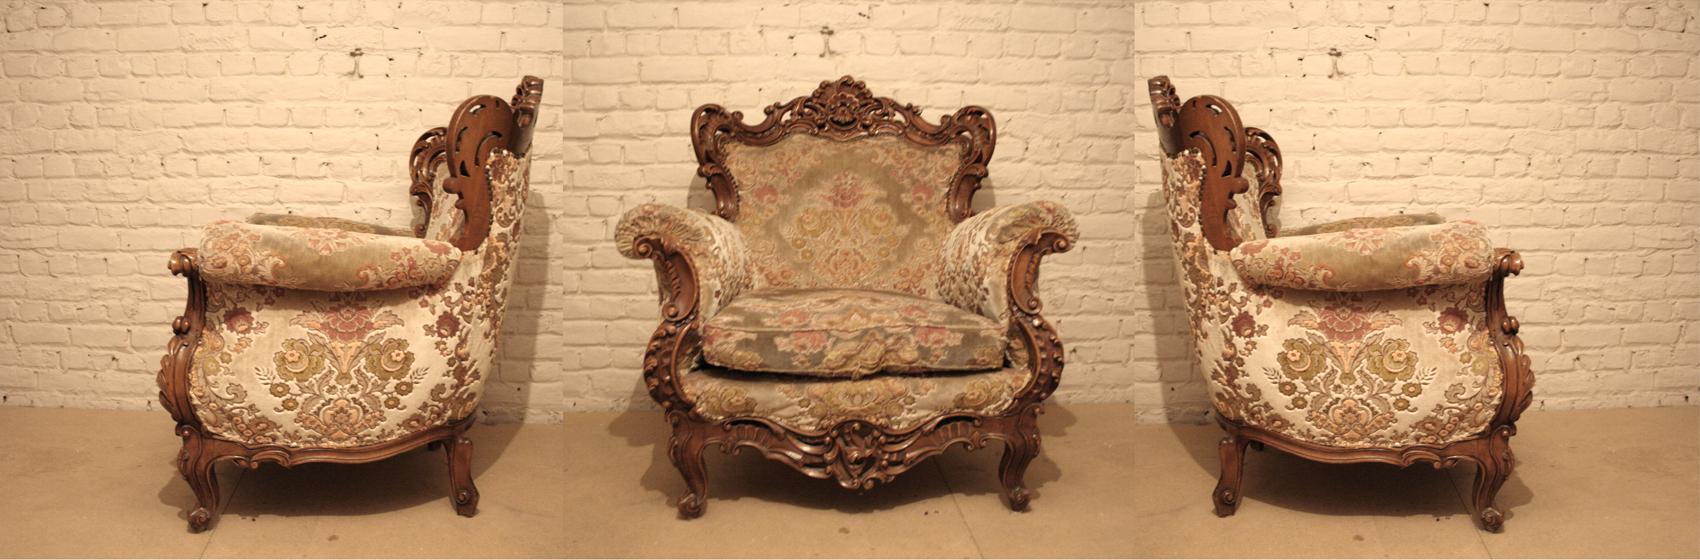 arkendai-fauteuil-etape1-1700